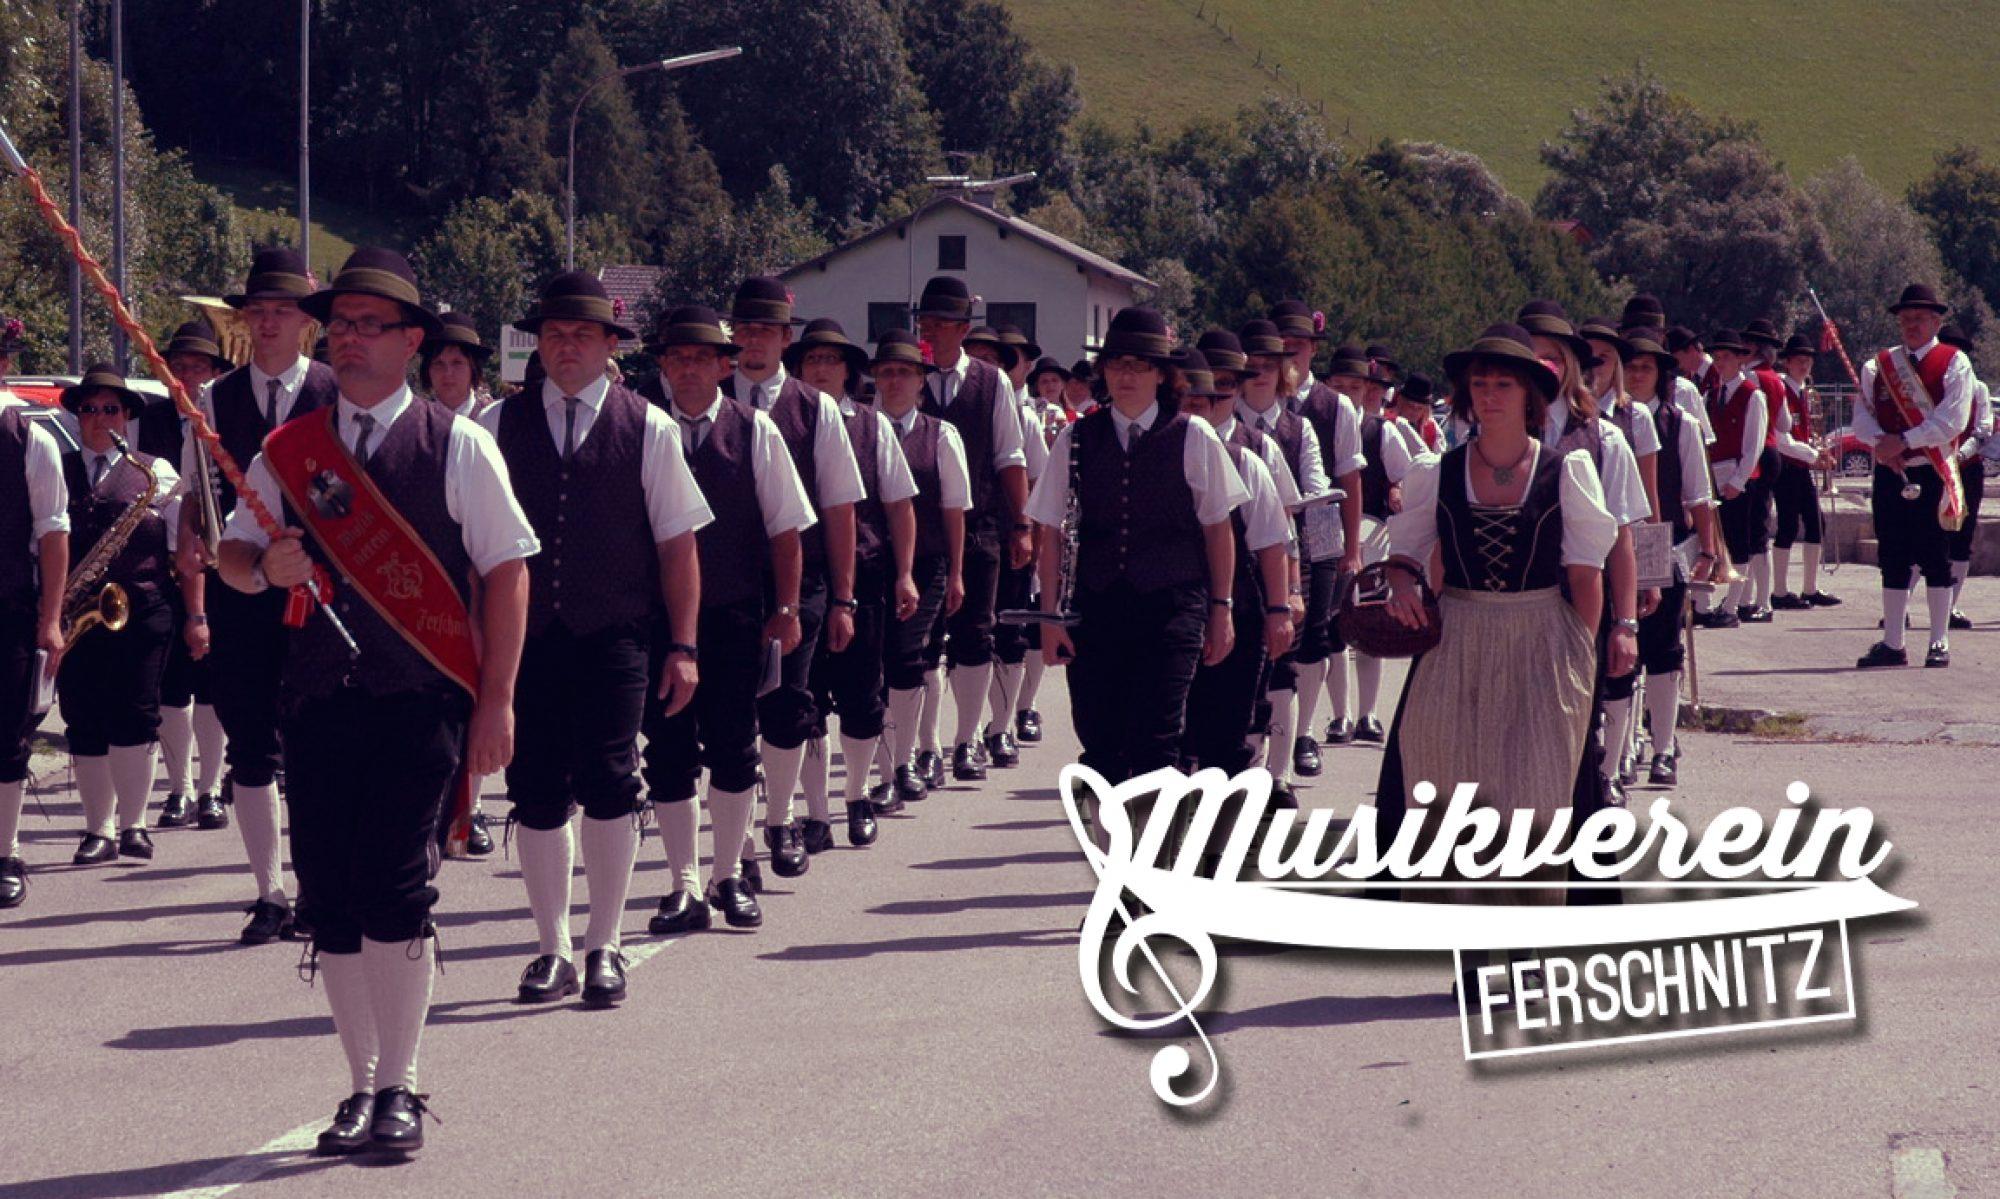 MusikVerein Ferschnitz